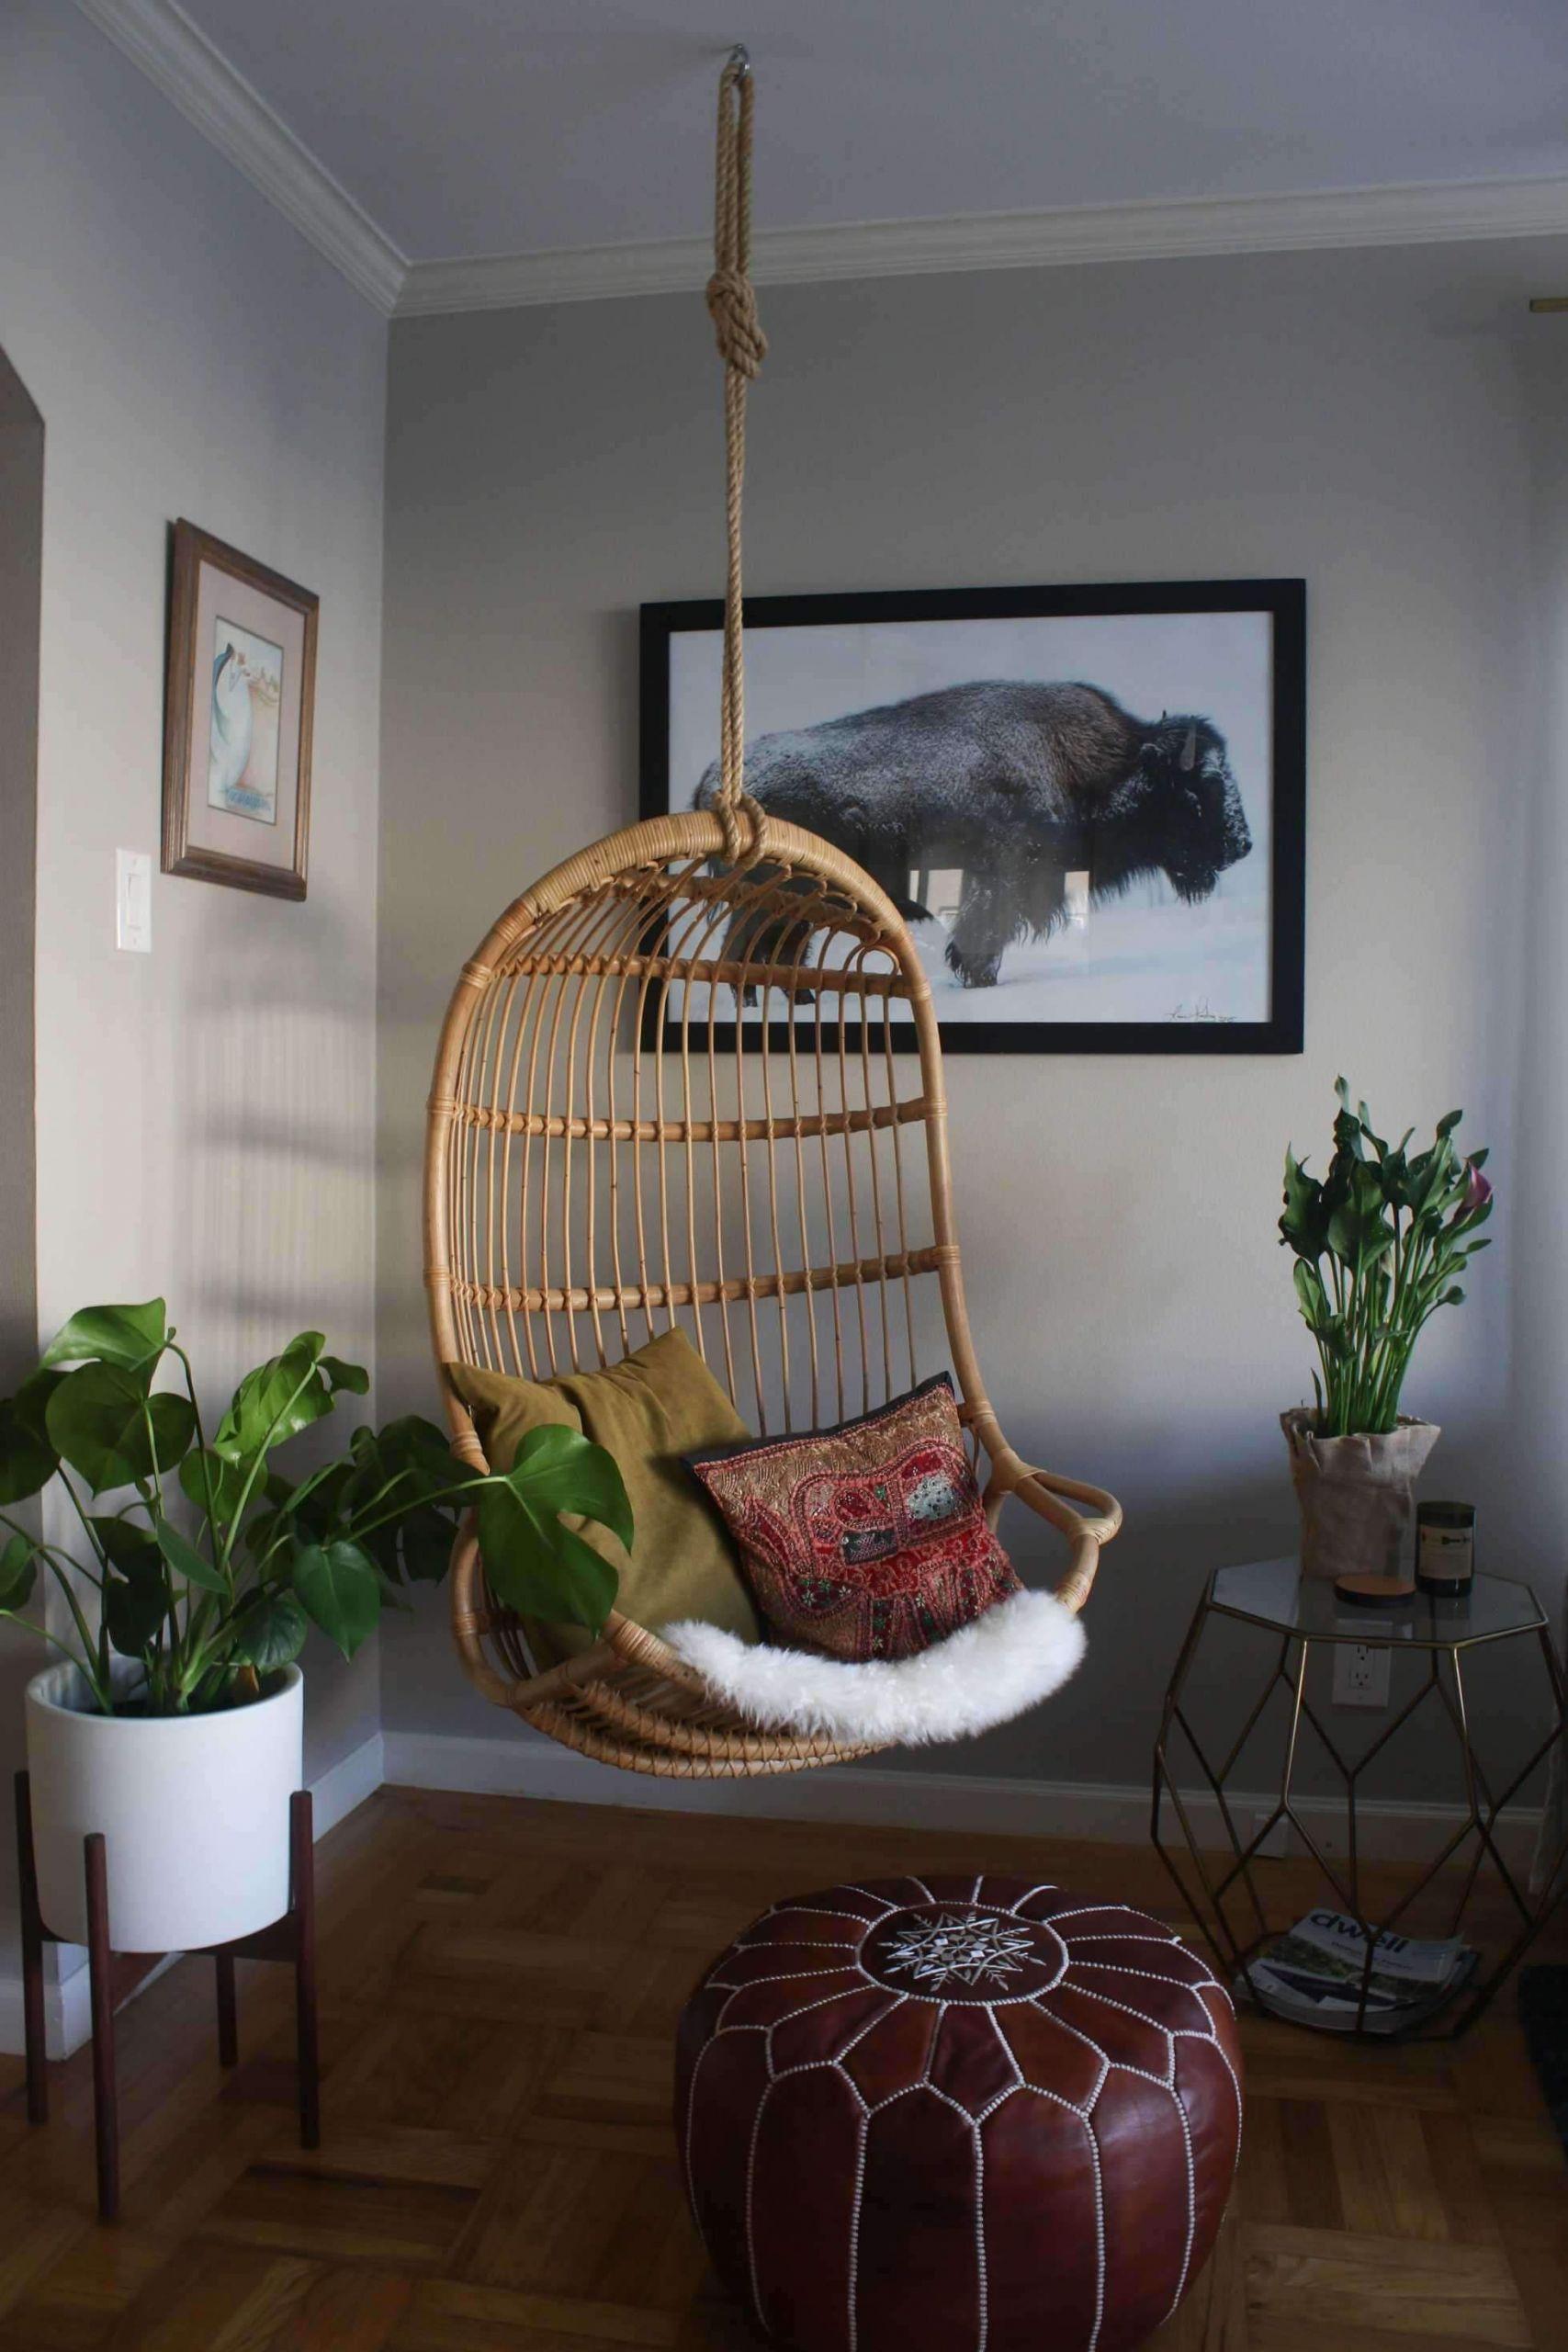 hangesessel wohnzimmer genial design hangesessel wohnzimmer free hd wallpapers and 4k wallpapers of hangesessel wohnzimmer